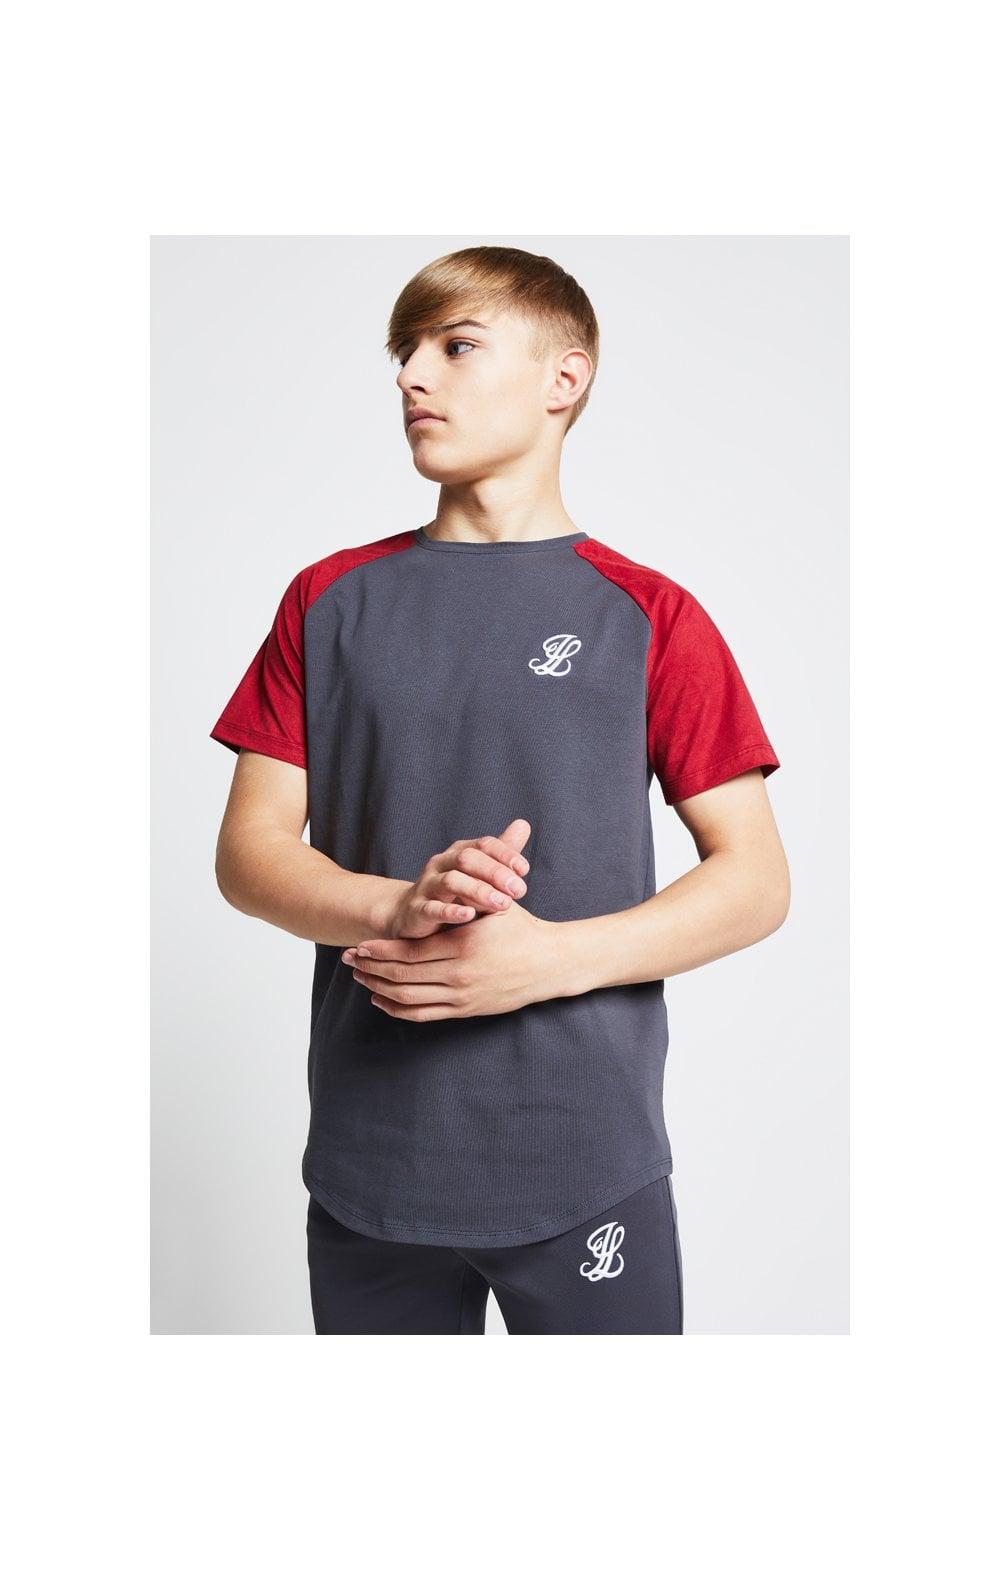 Illusive London Raglan Tee - Grey & Pink Kids Top Sizes: 11-12 YRS